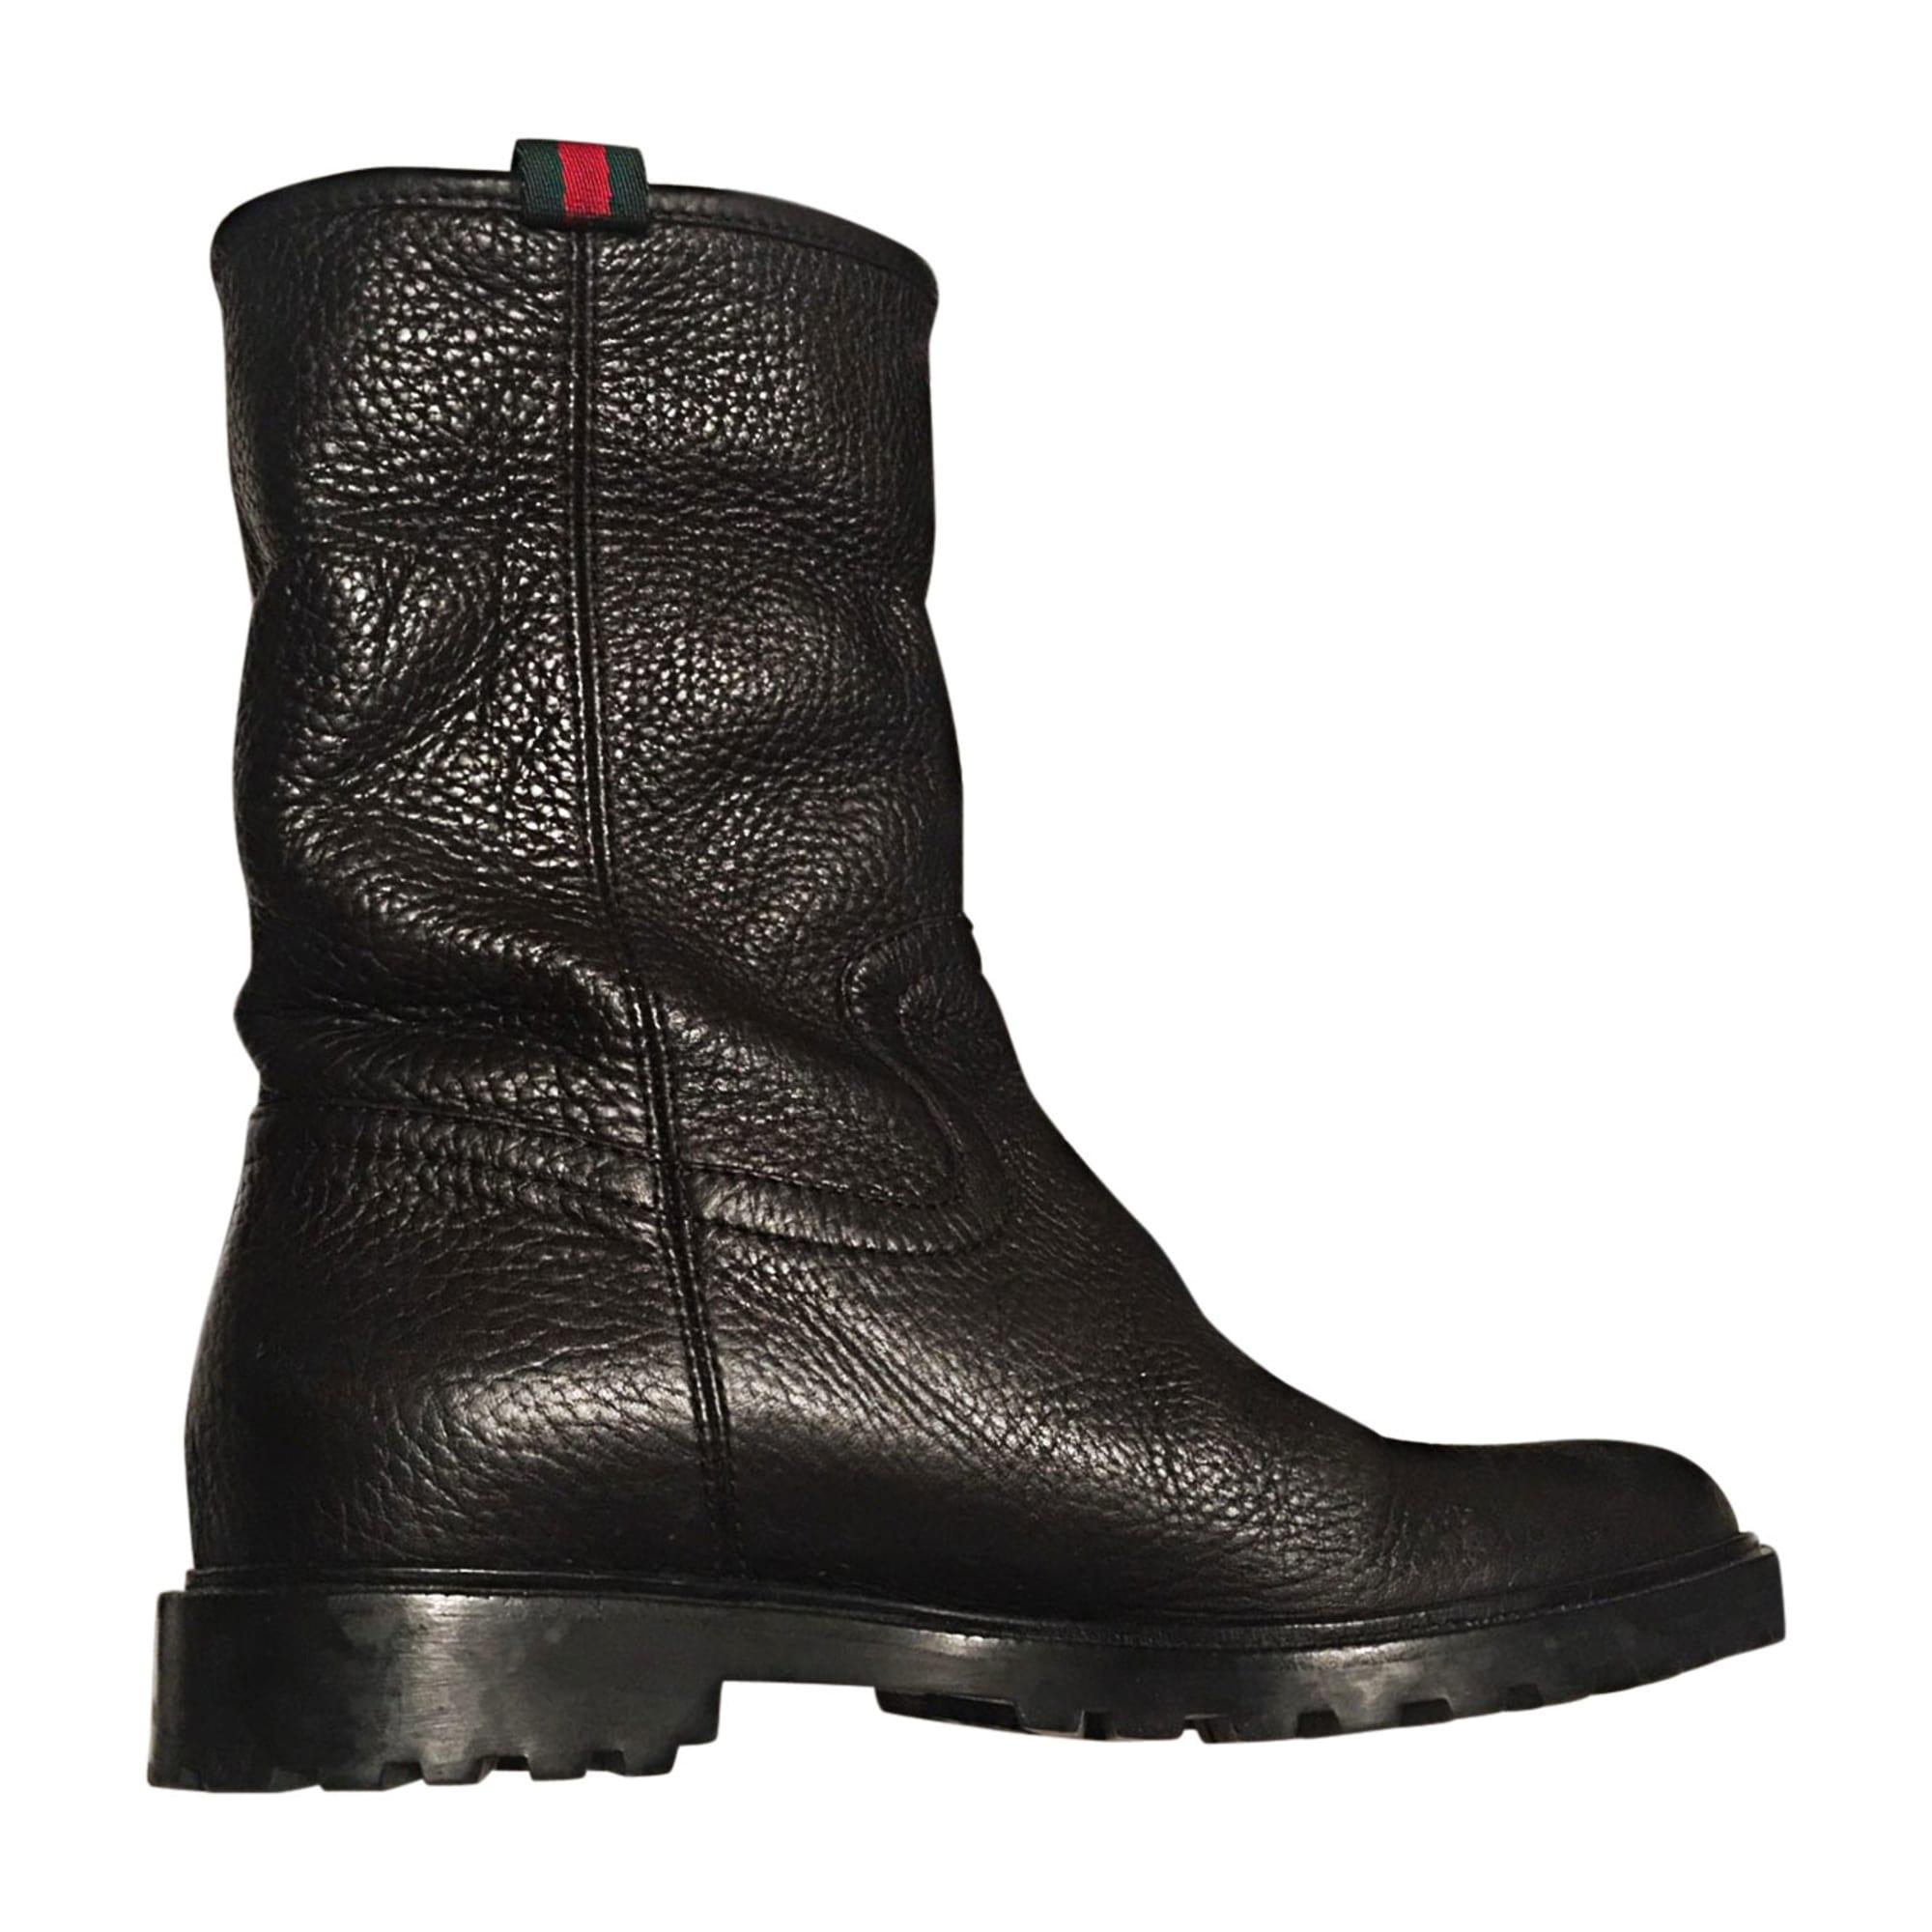 39f75dd885cb Bottines   low boots plates GUCCI 36 noir vendu par Anais... - 6896561